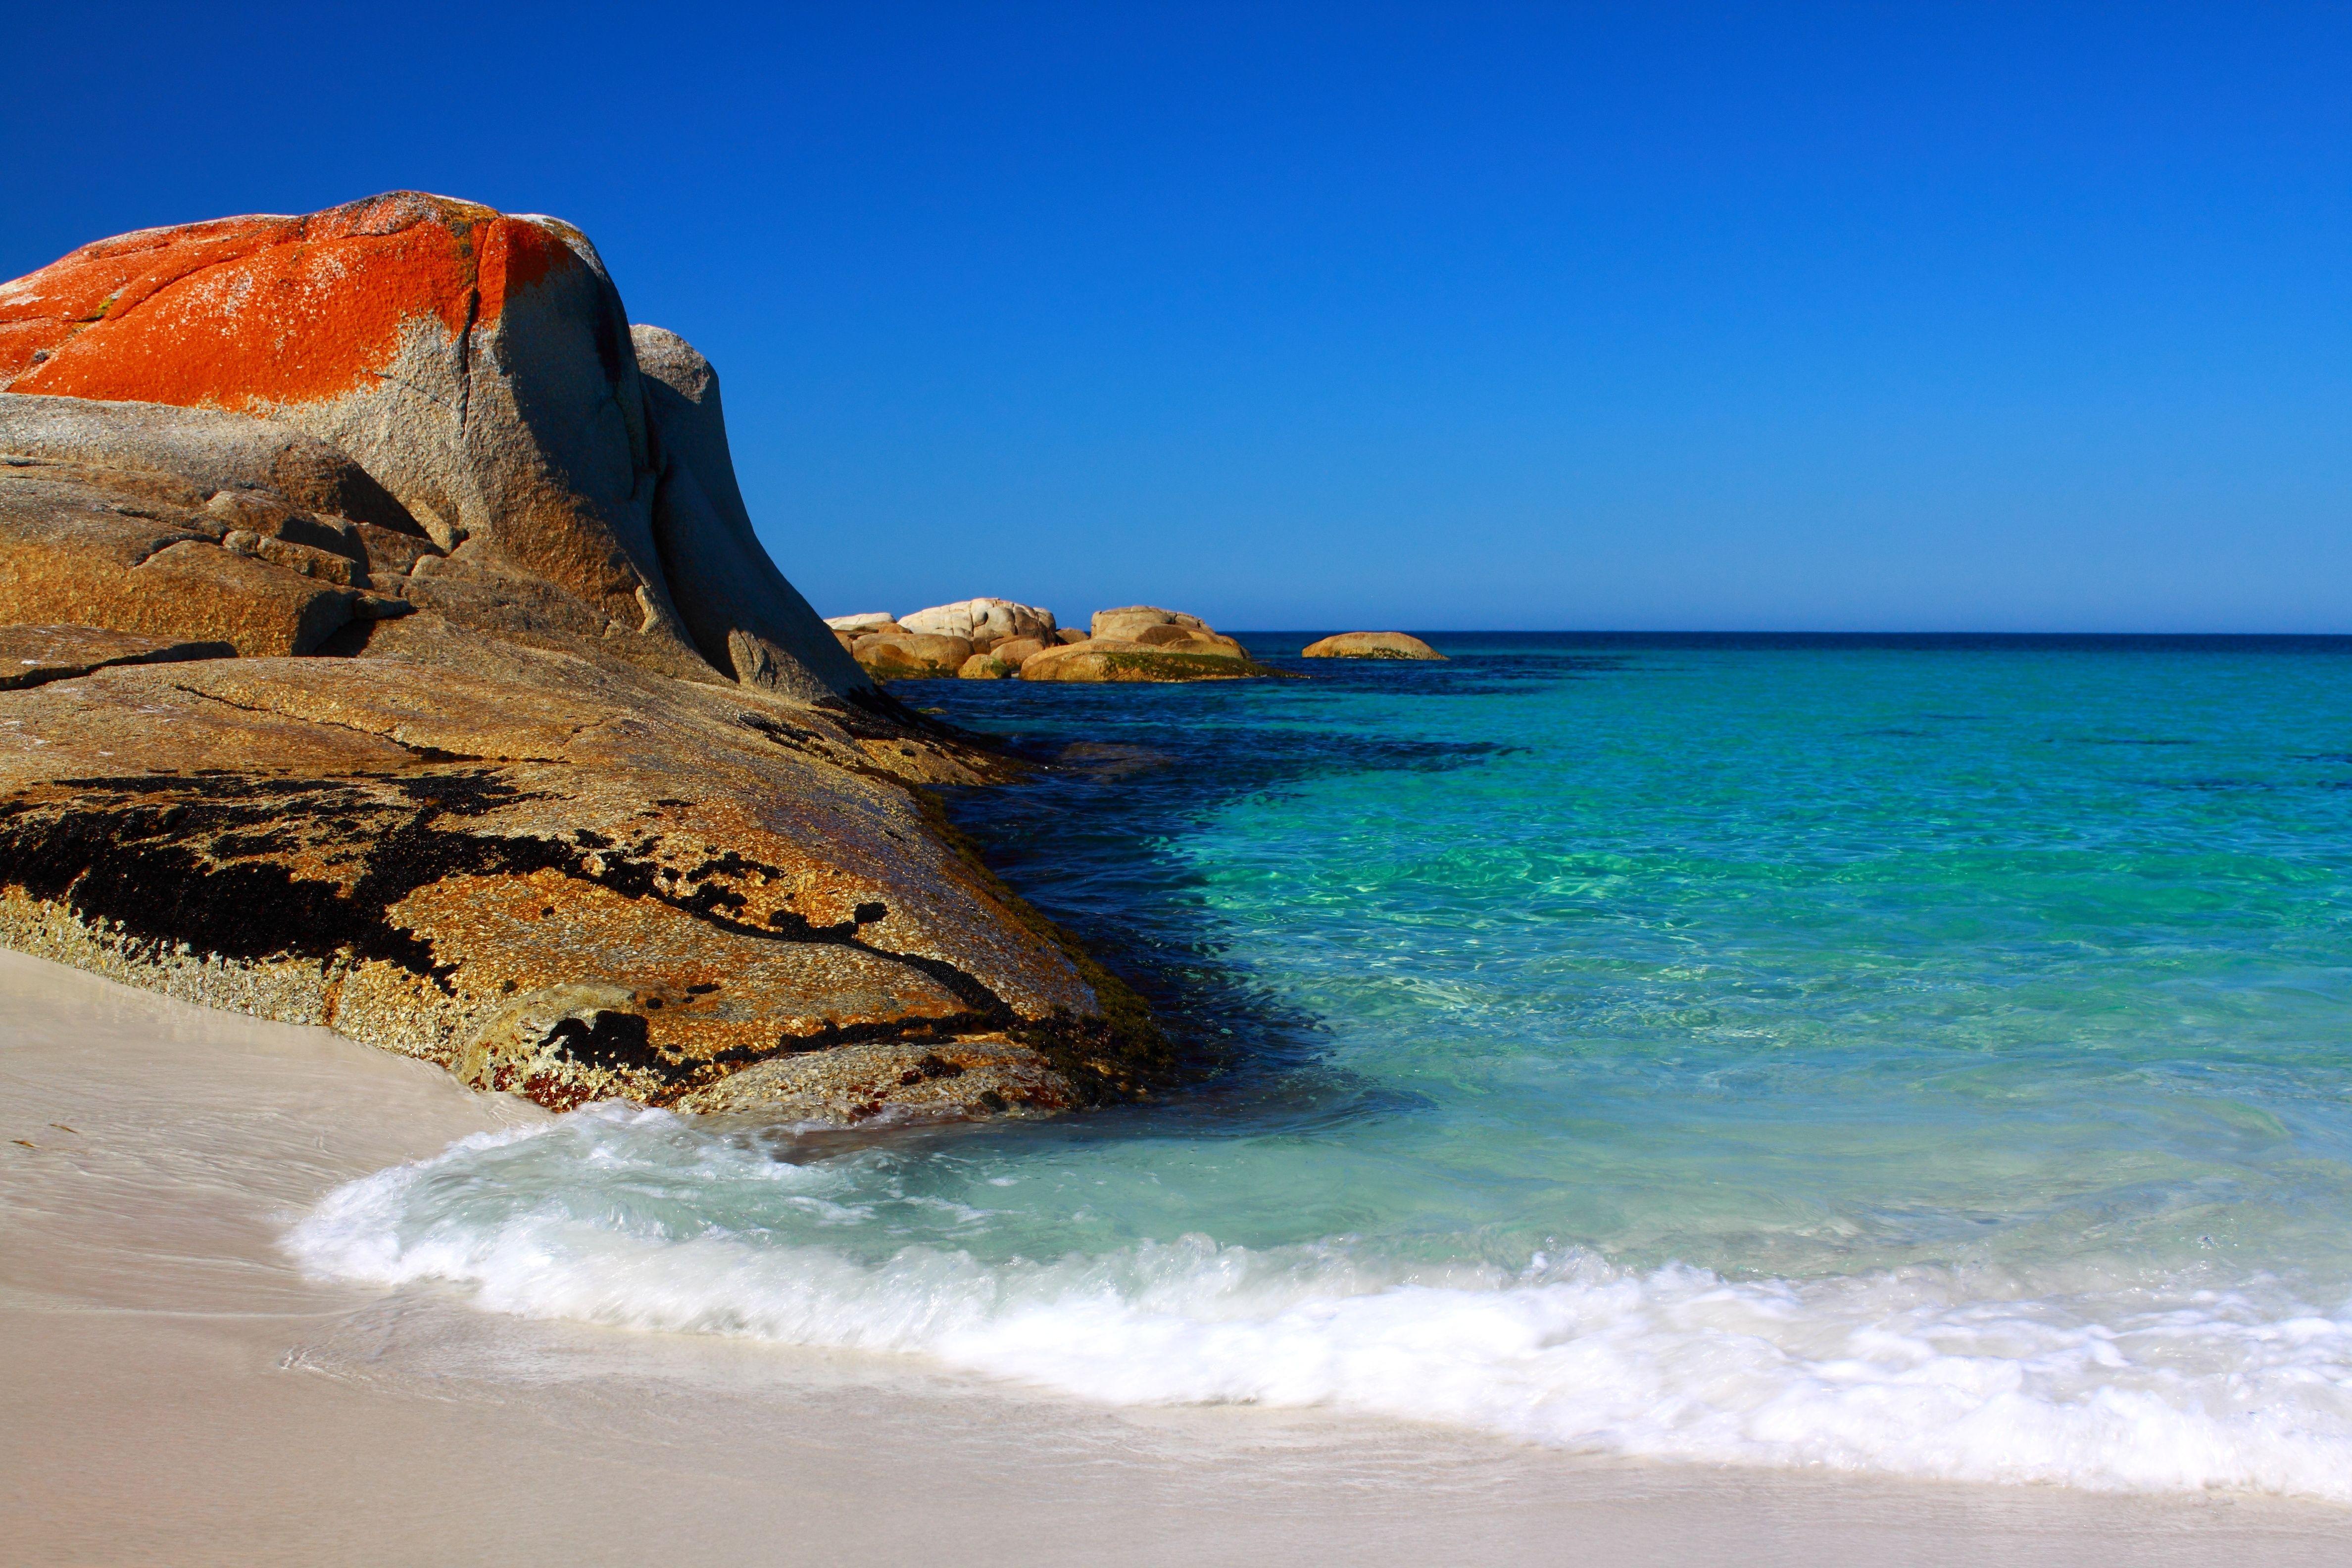 Beach Landscapes Australian Landscape Ede S Blog Beach Landscape Landscape Beach Getaways